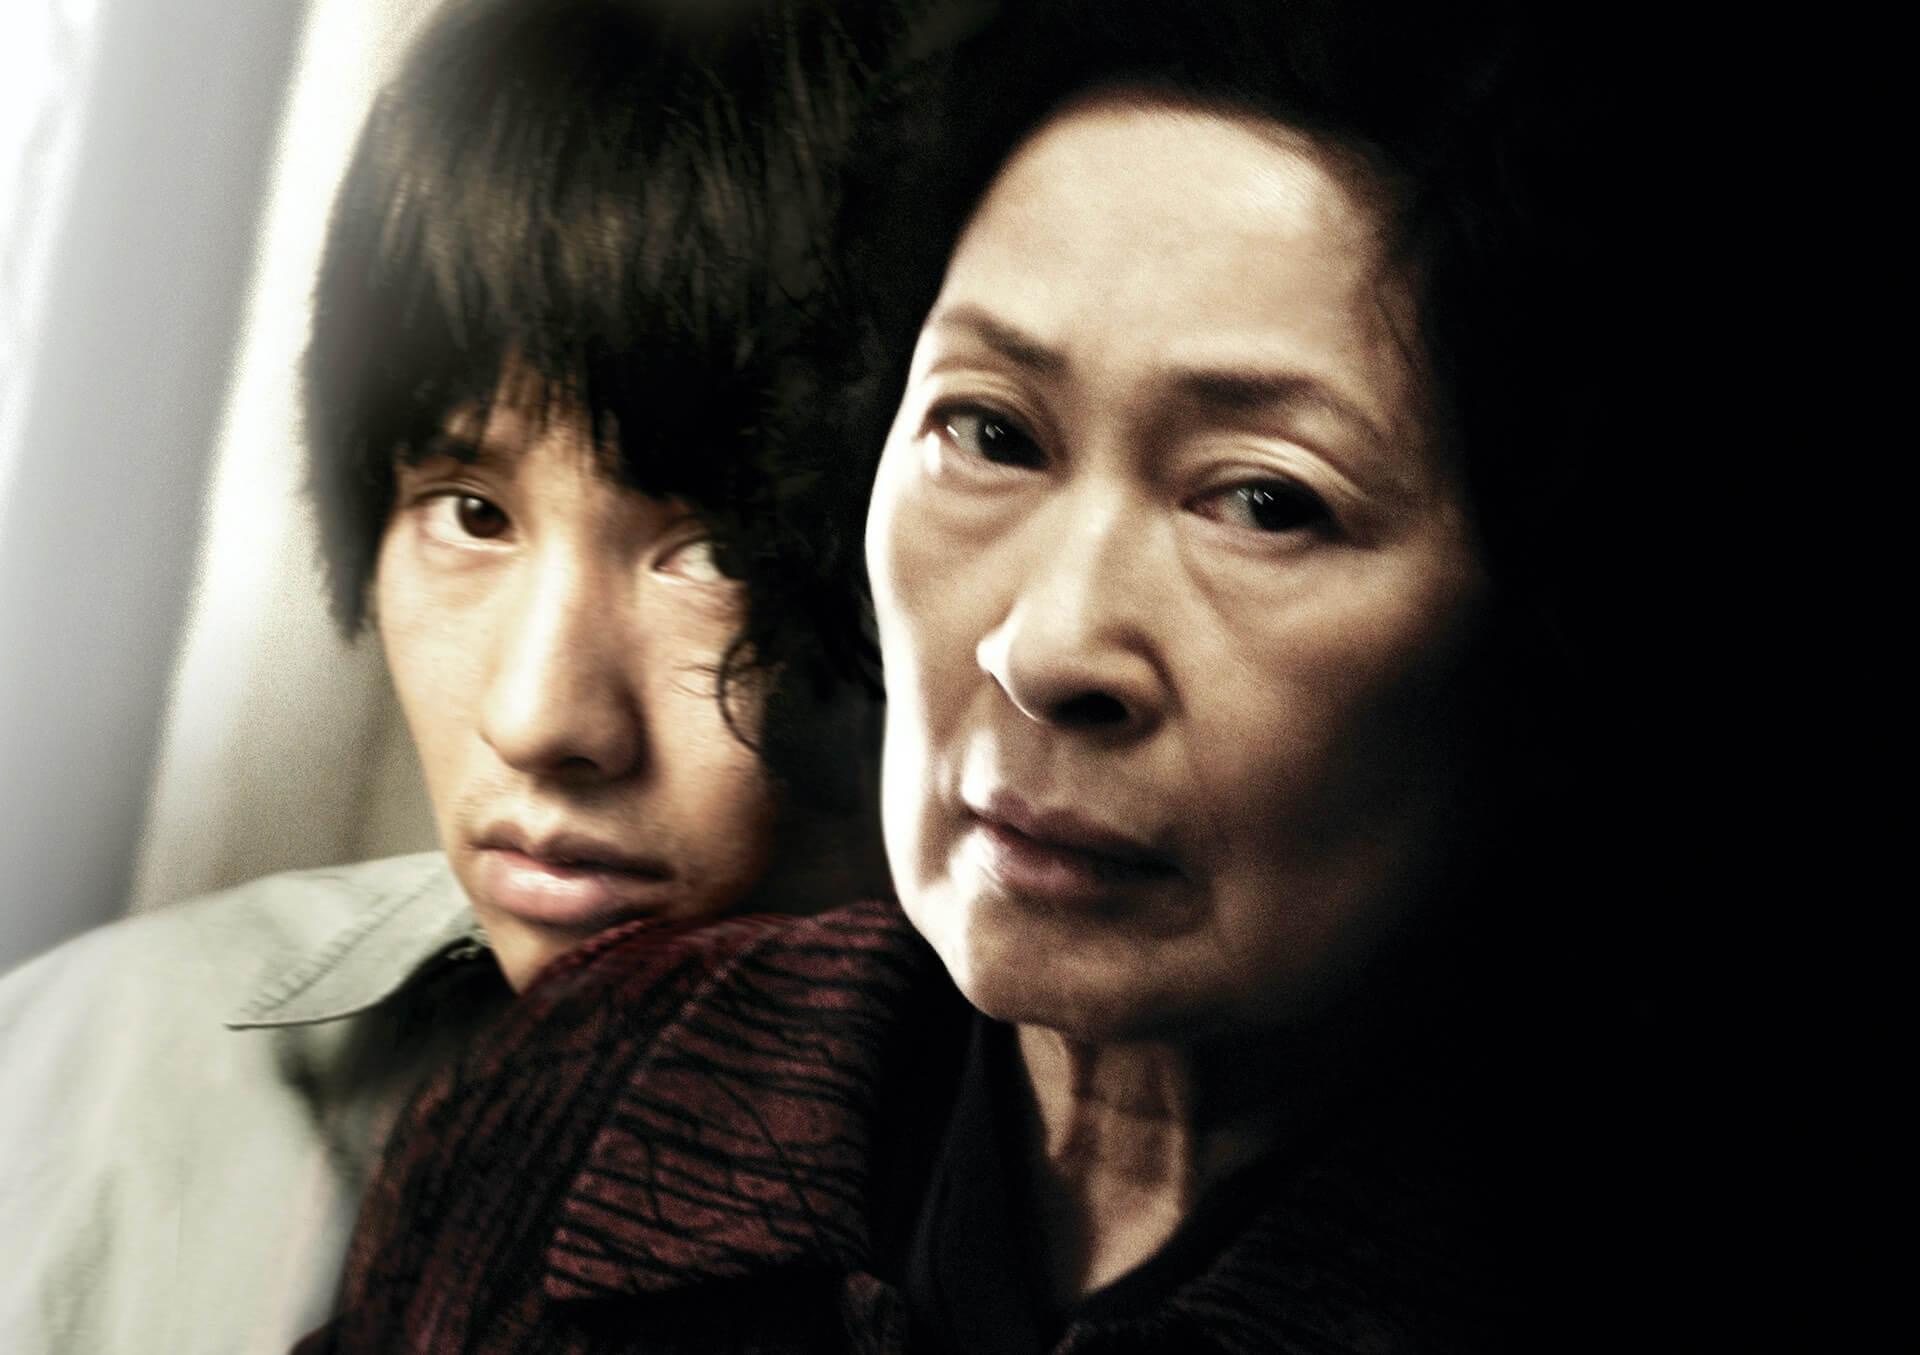 『パラサイト』ポン・ジュノ監督の傑作3選がBlu-rayに!『殺人の追憶』『母なる証明』『ほえる犬は噛まない』収録BOXが登場 film200528_ponjuno_bluray_06